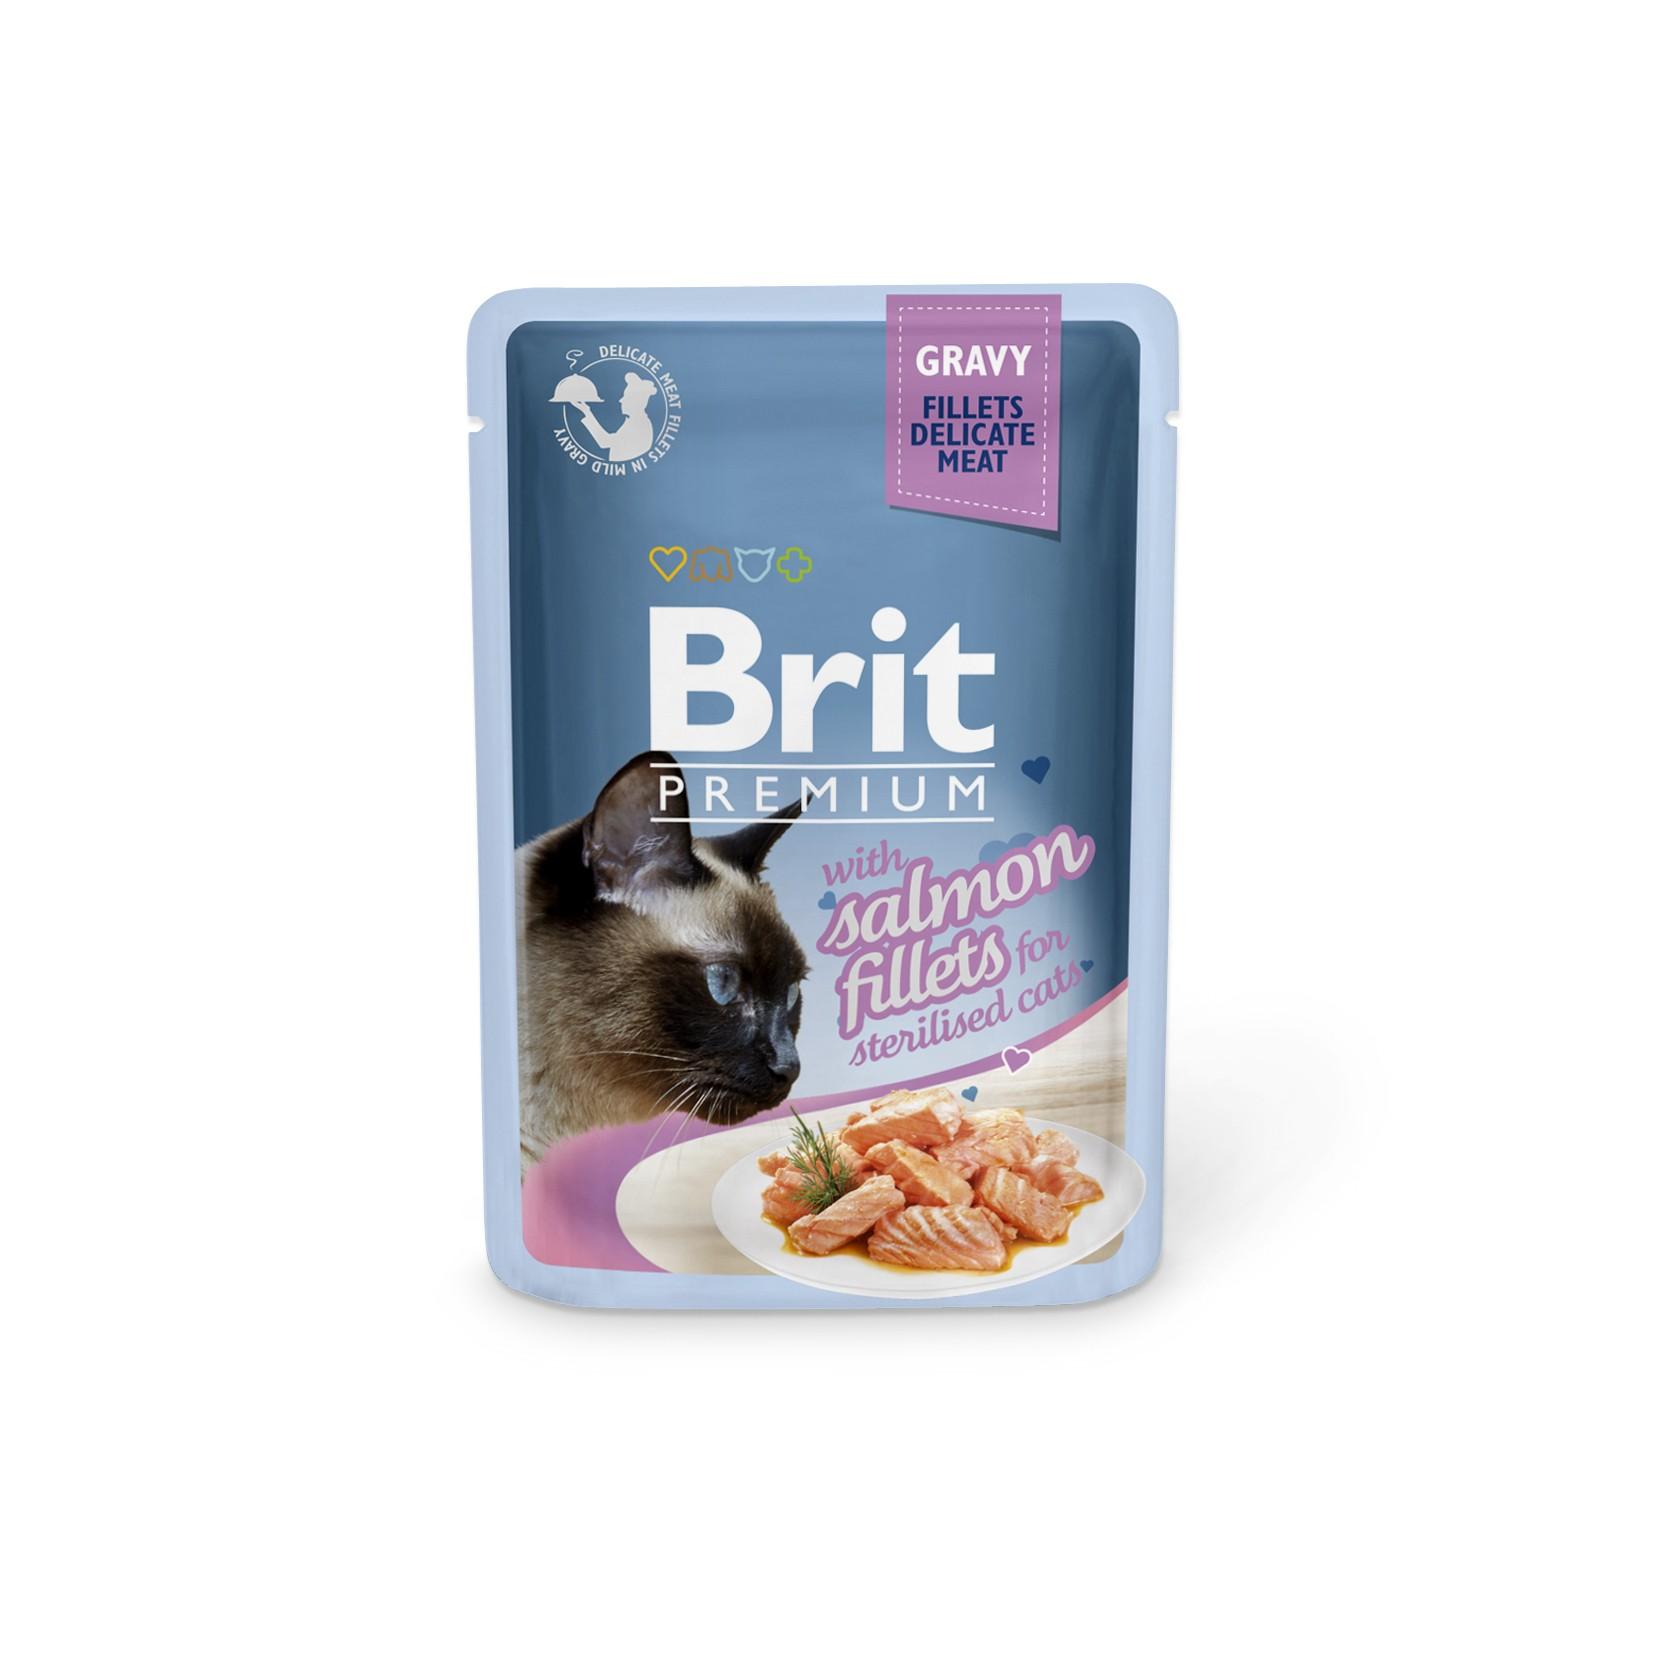 Boîte Chat - Brit Premium Pouches Gravy au Saumon pour Chat stérilisé